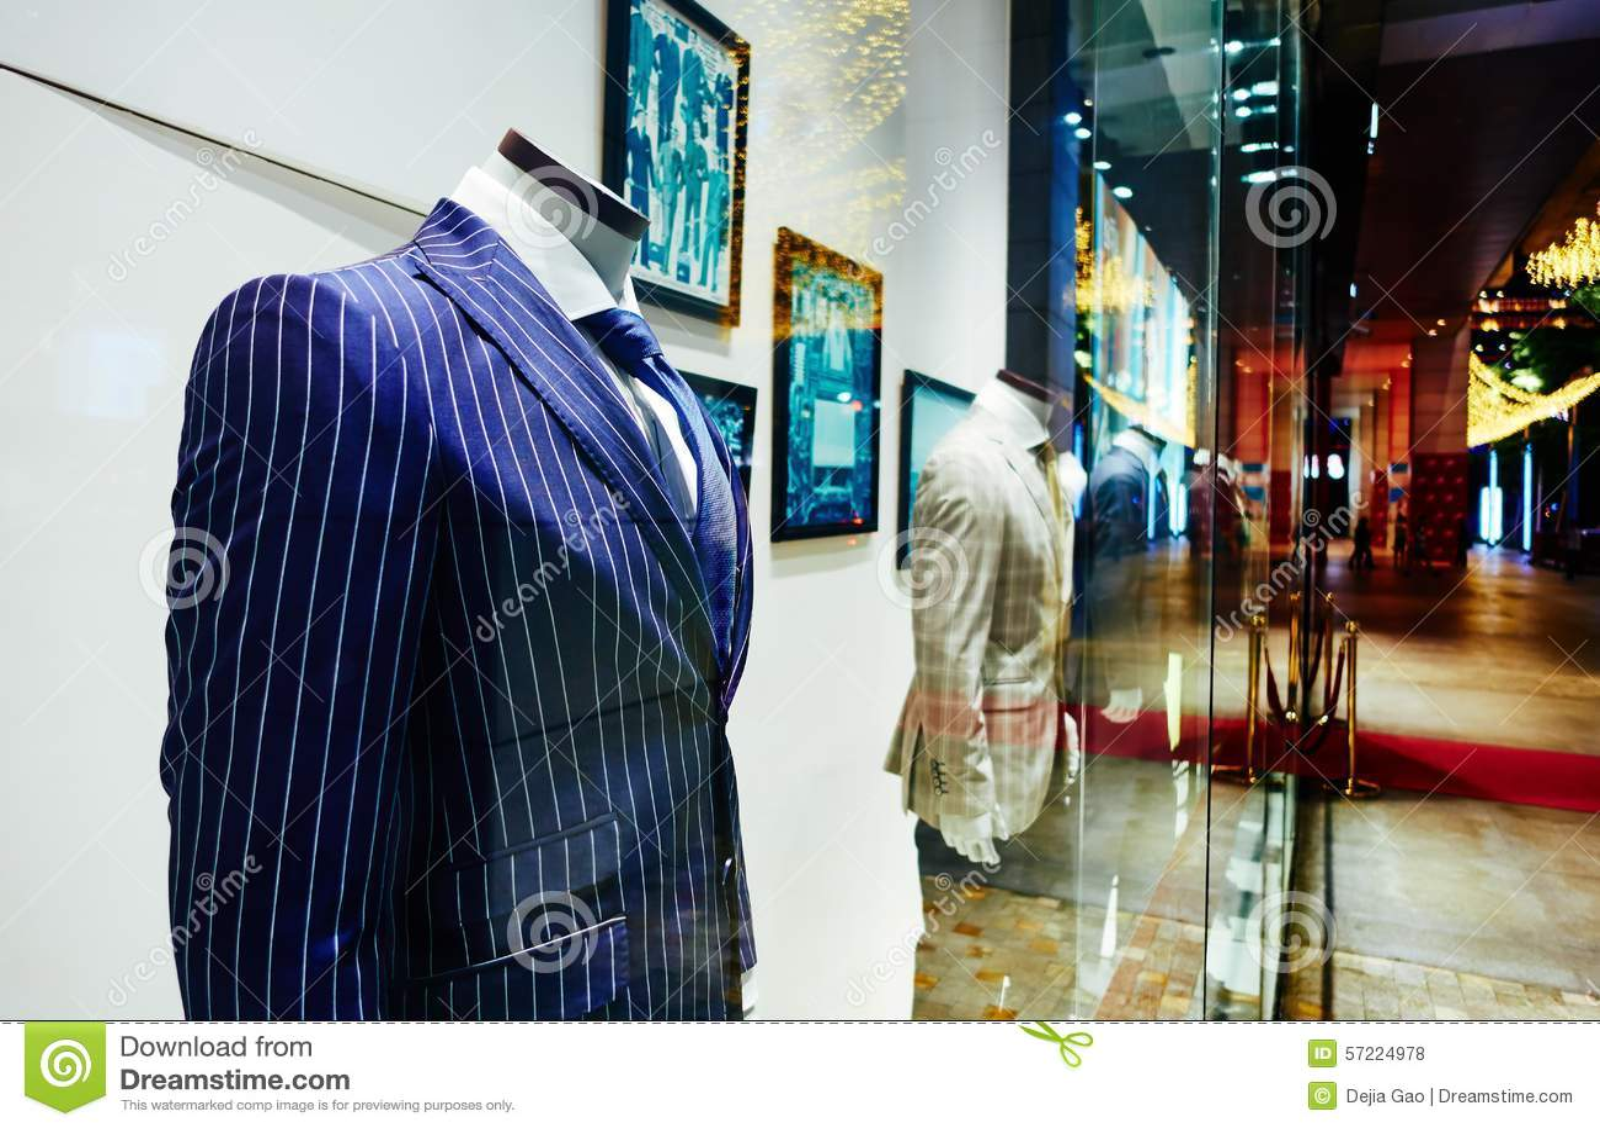 Clothing Shops For Men